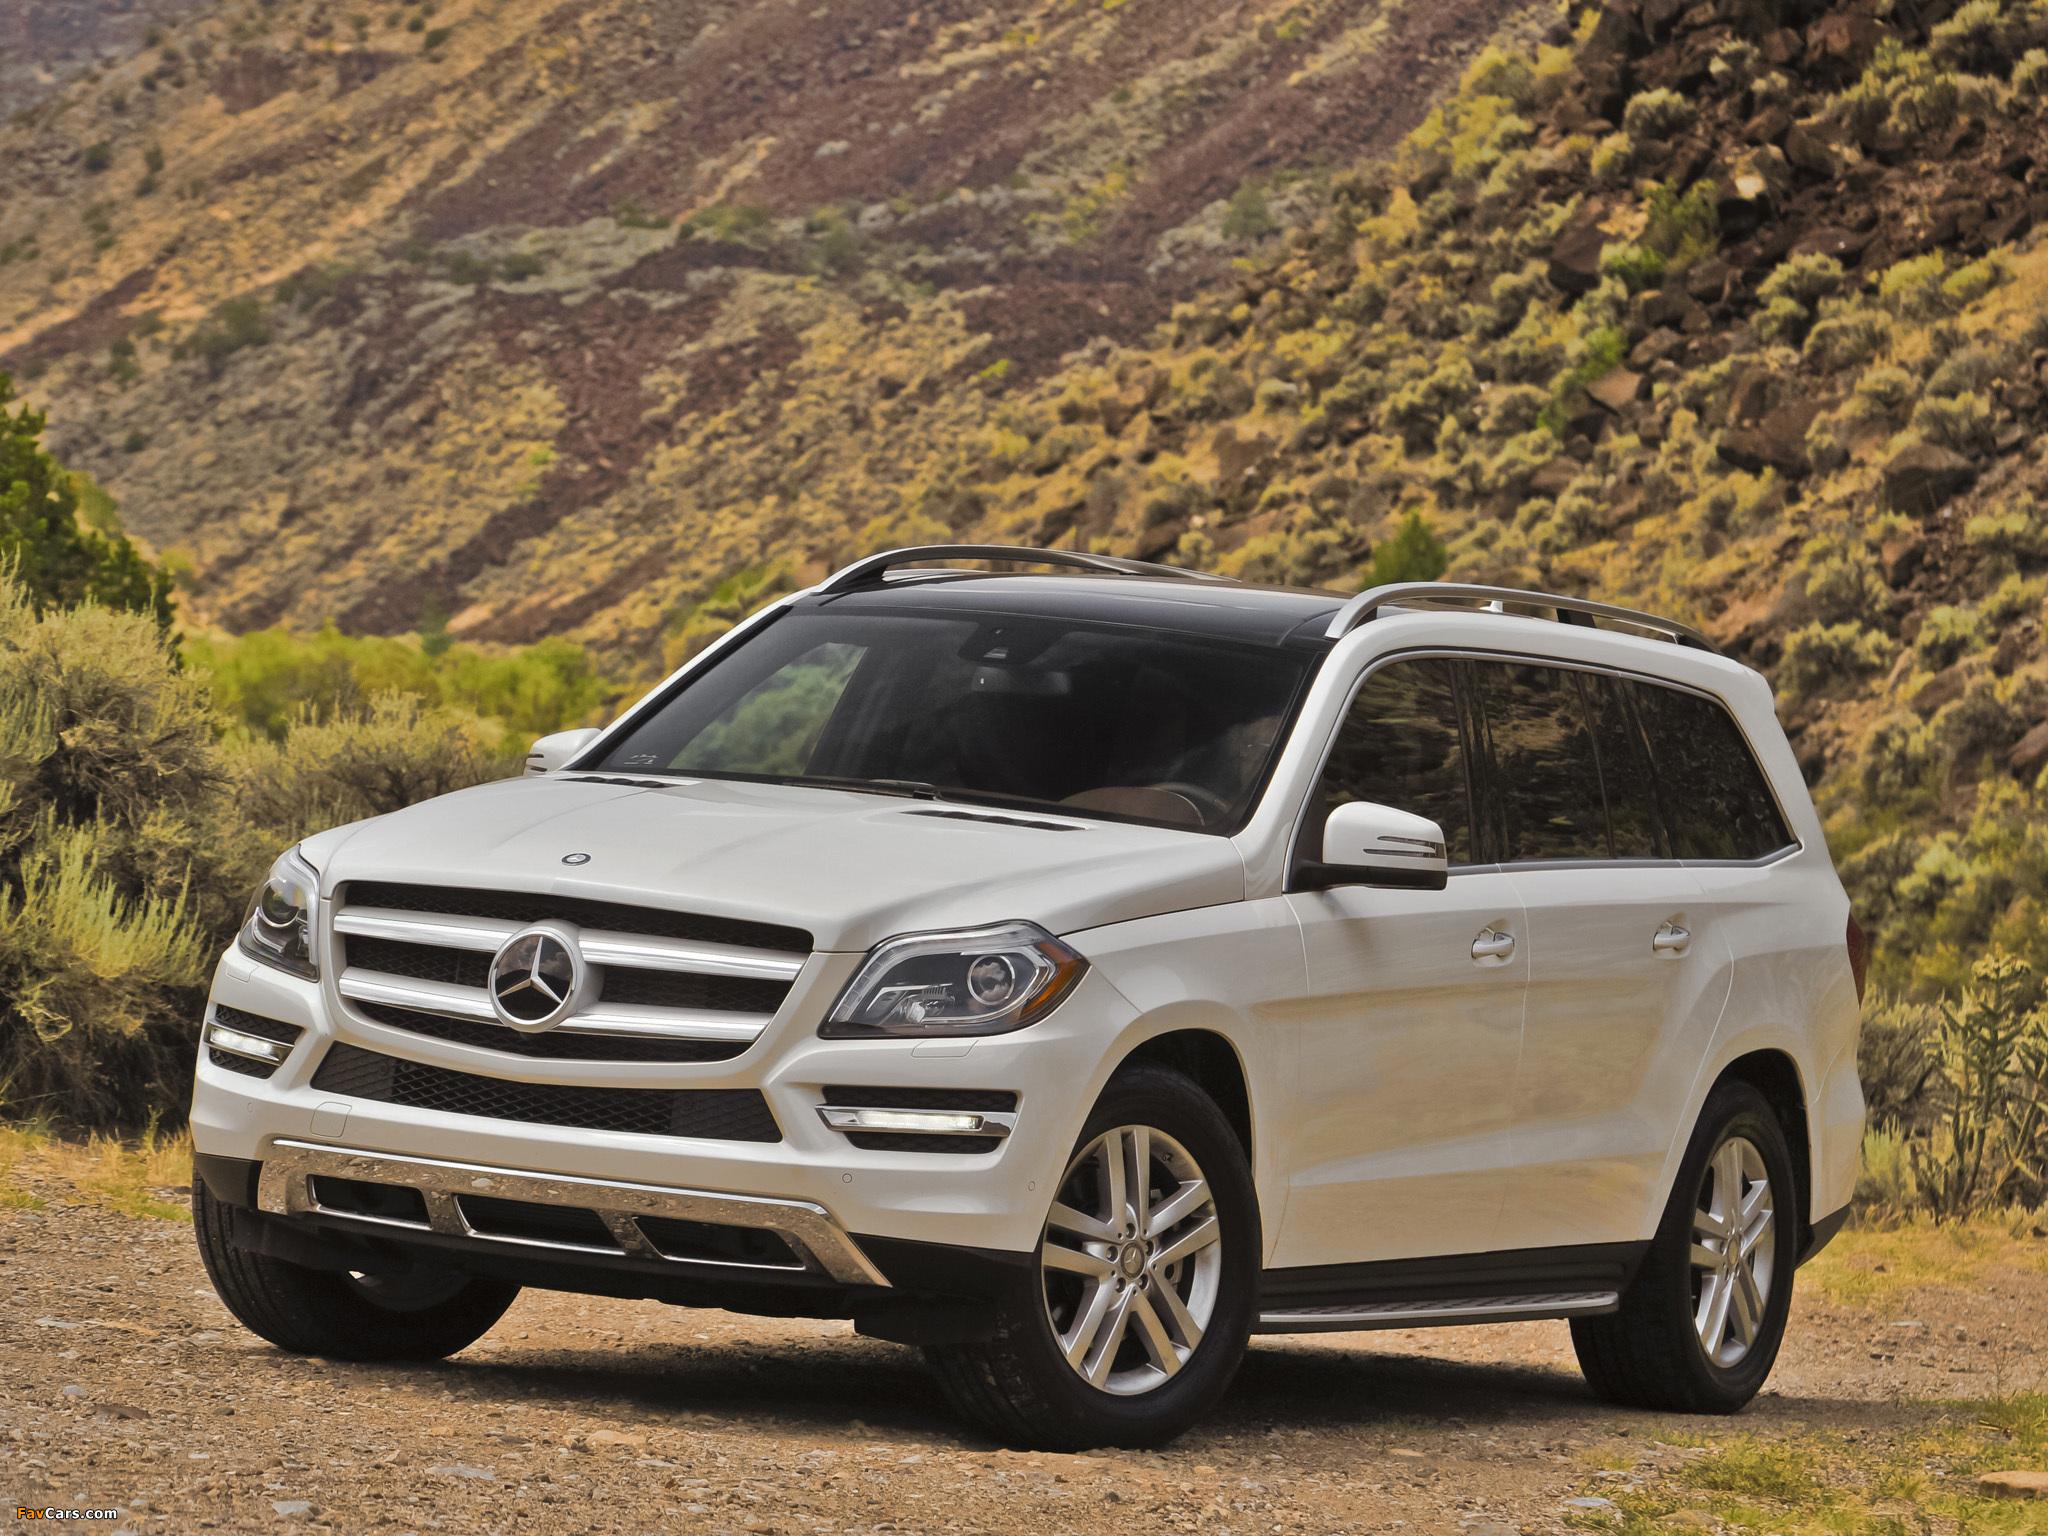 Mercedes benz gl 350 bluetec us spec x166 2012 images for 2012 mercedes benz suv